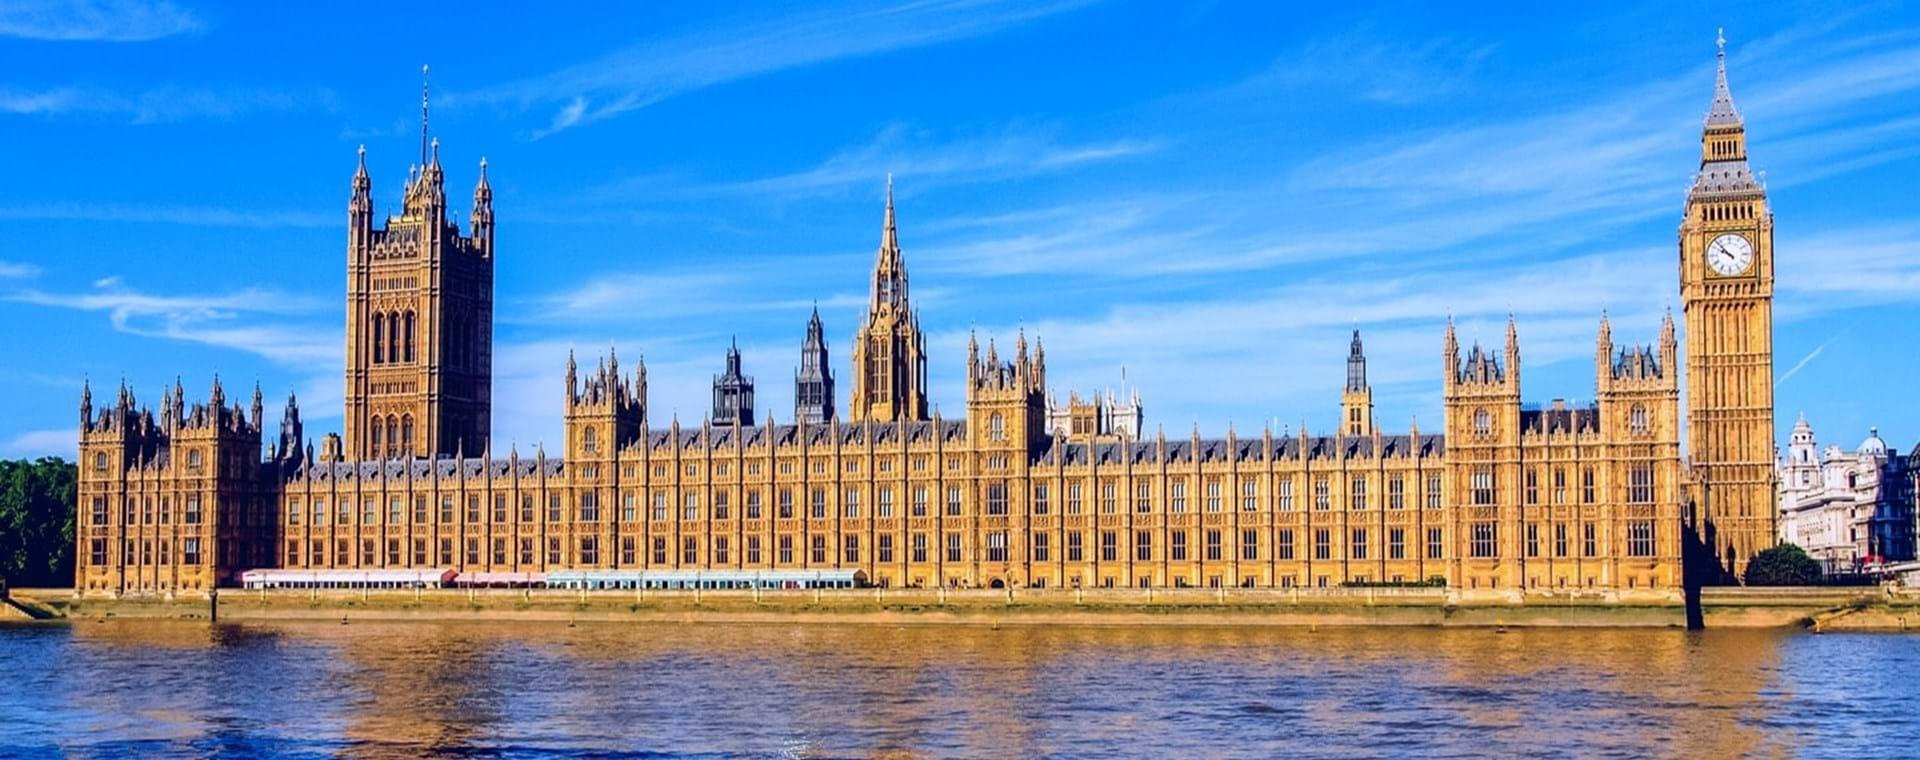 uk parliament plastic ban